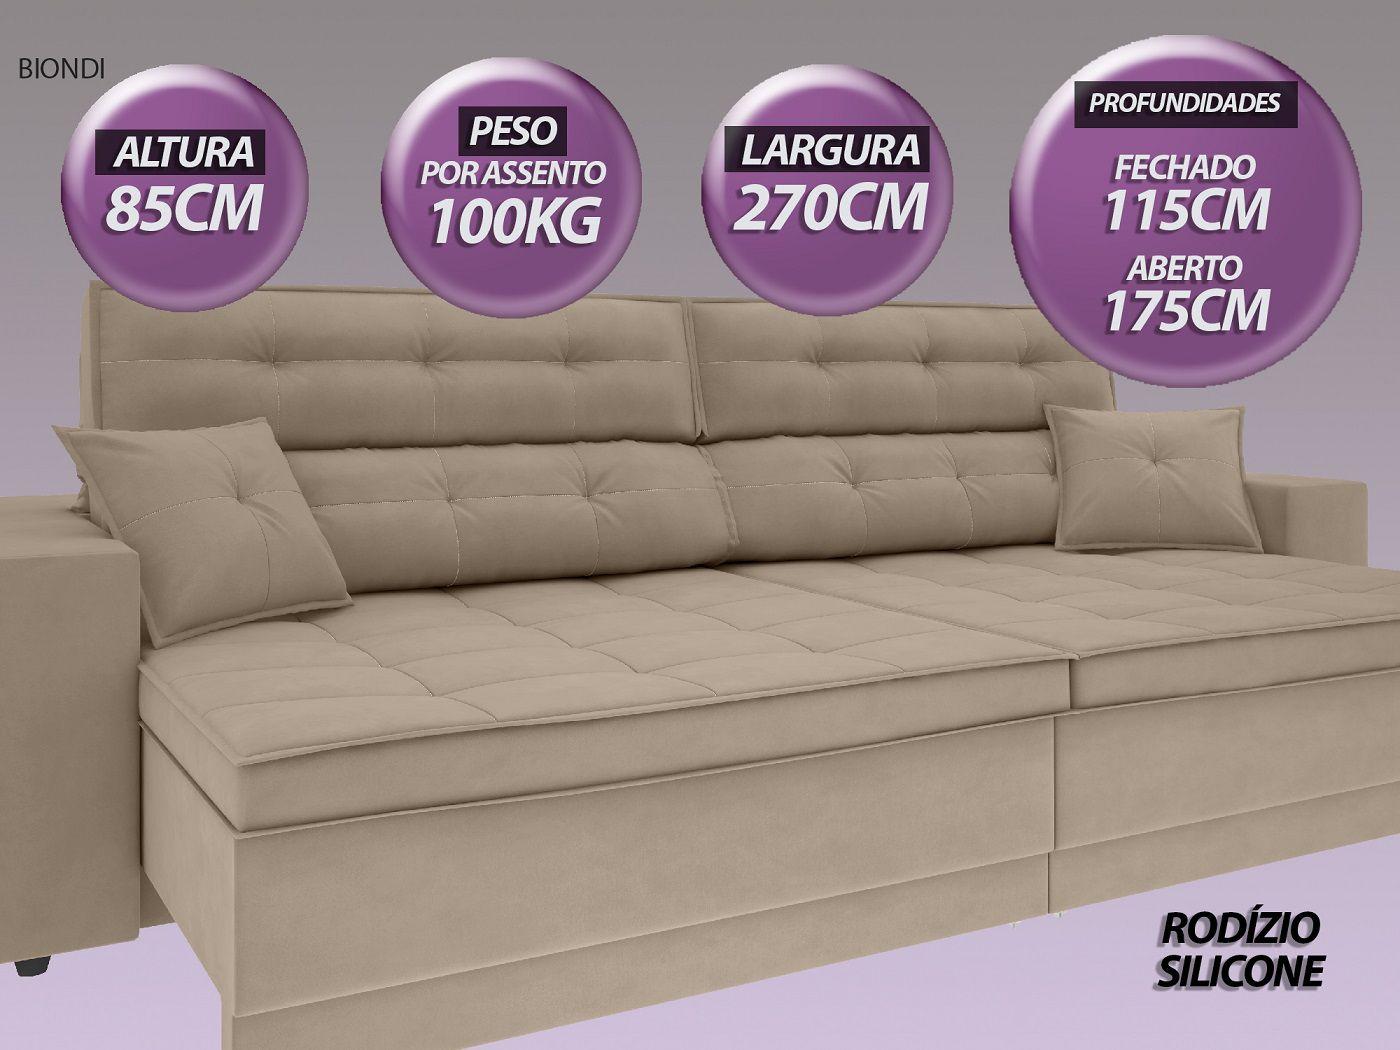 Sofá New Biondi 2,70m Retrátil e Reclinável Velosuede Capuccino  - NETSOFAS  - NETSOFÁS